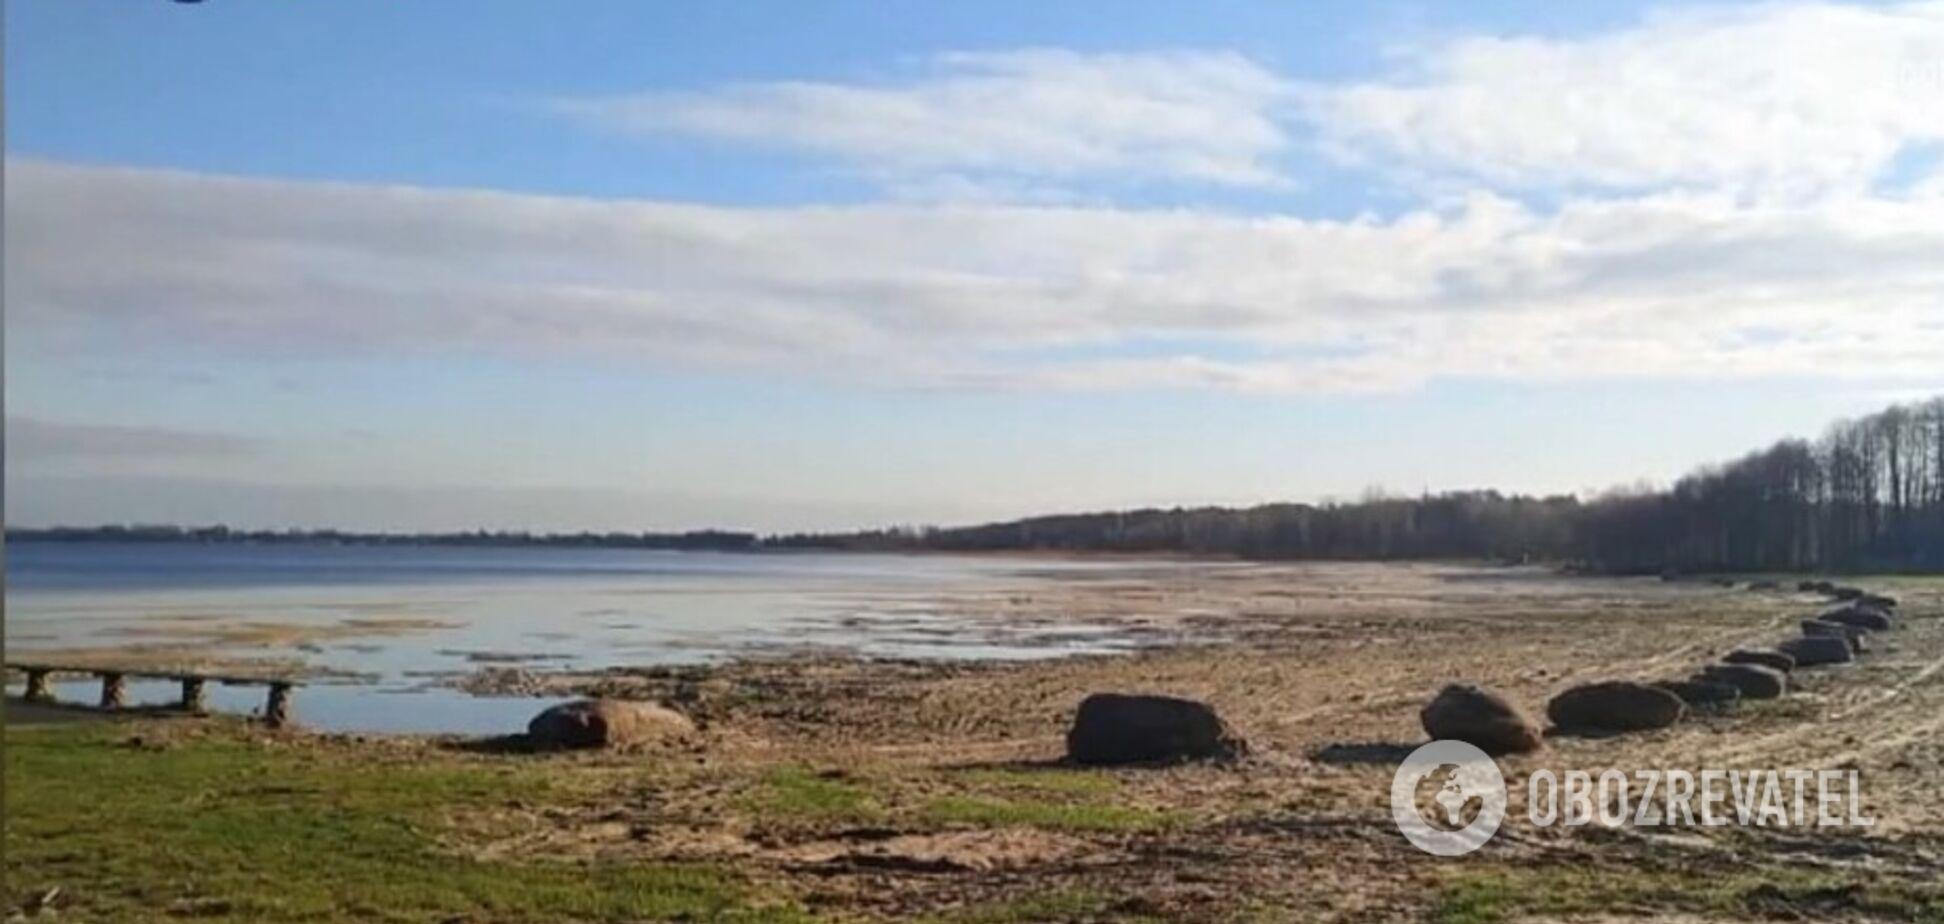 Озеро Світязь втрачає по 10 метрів щодня: коментар еколога